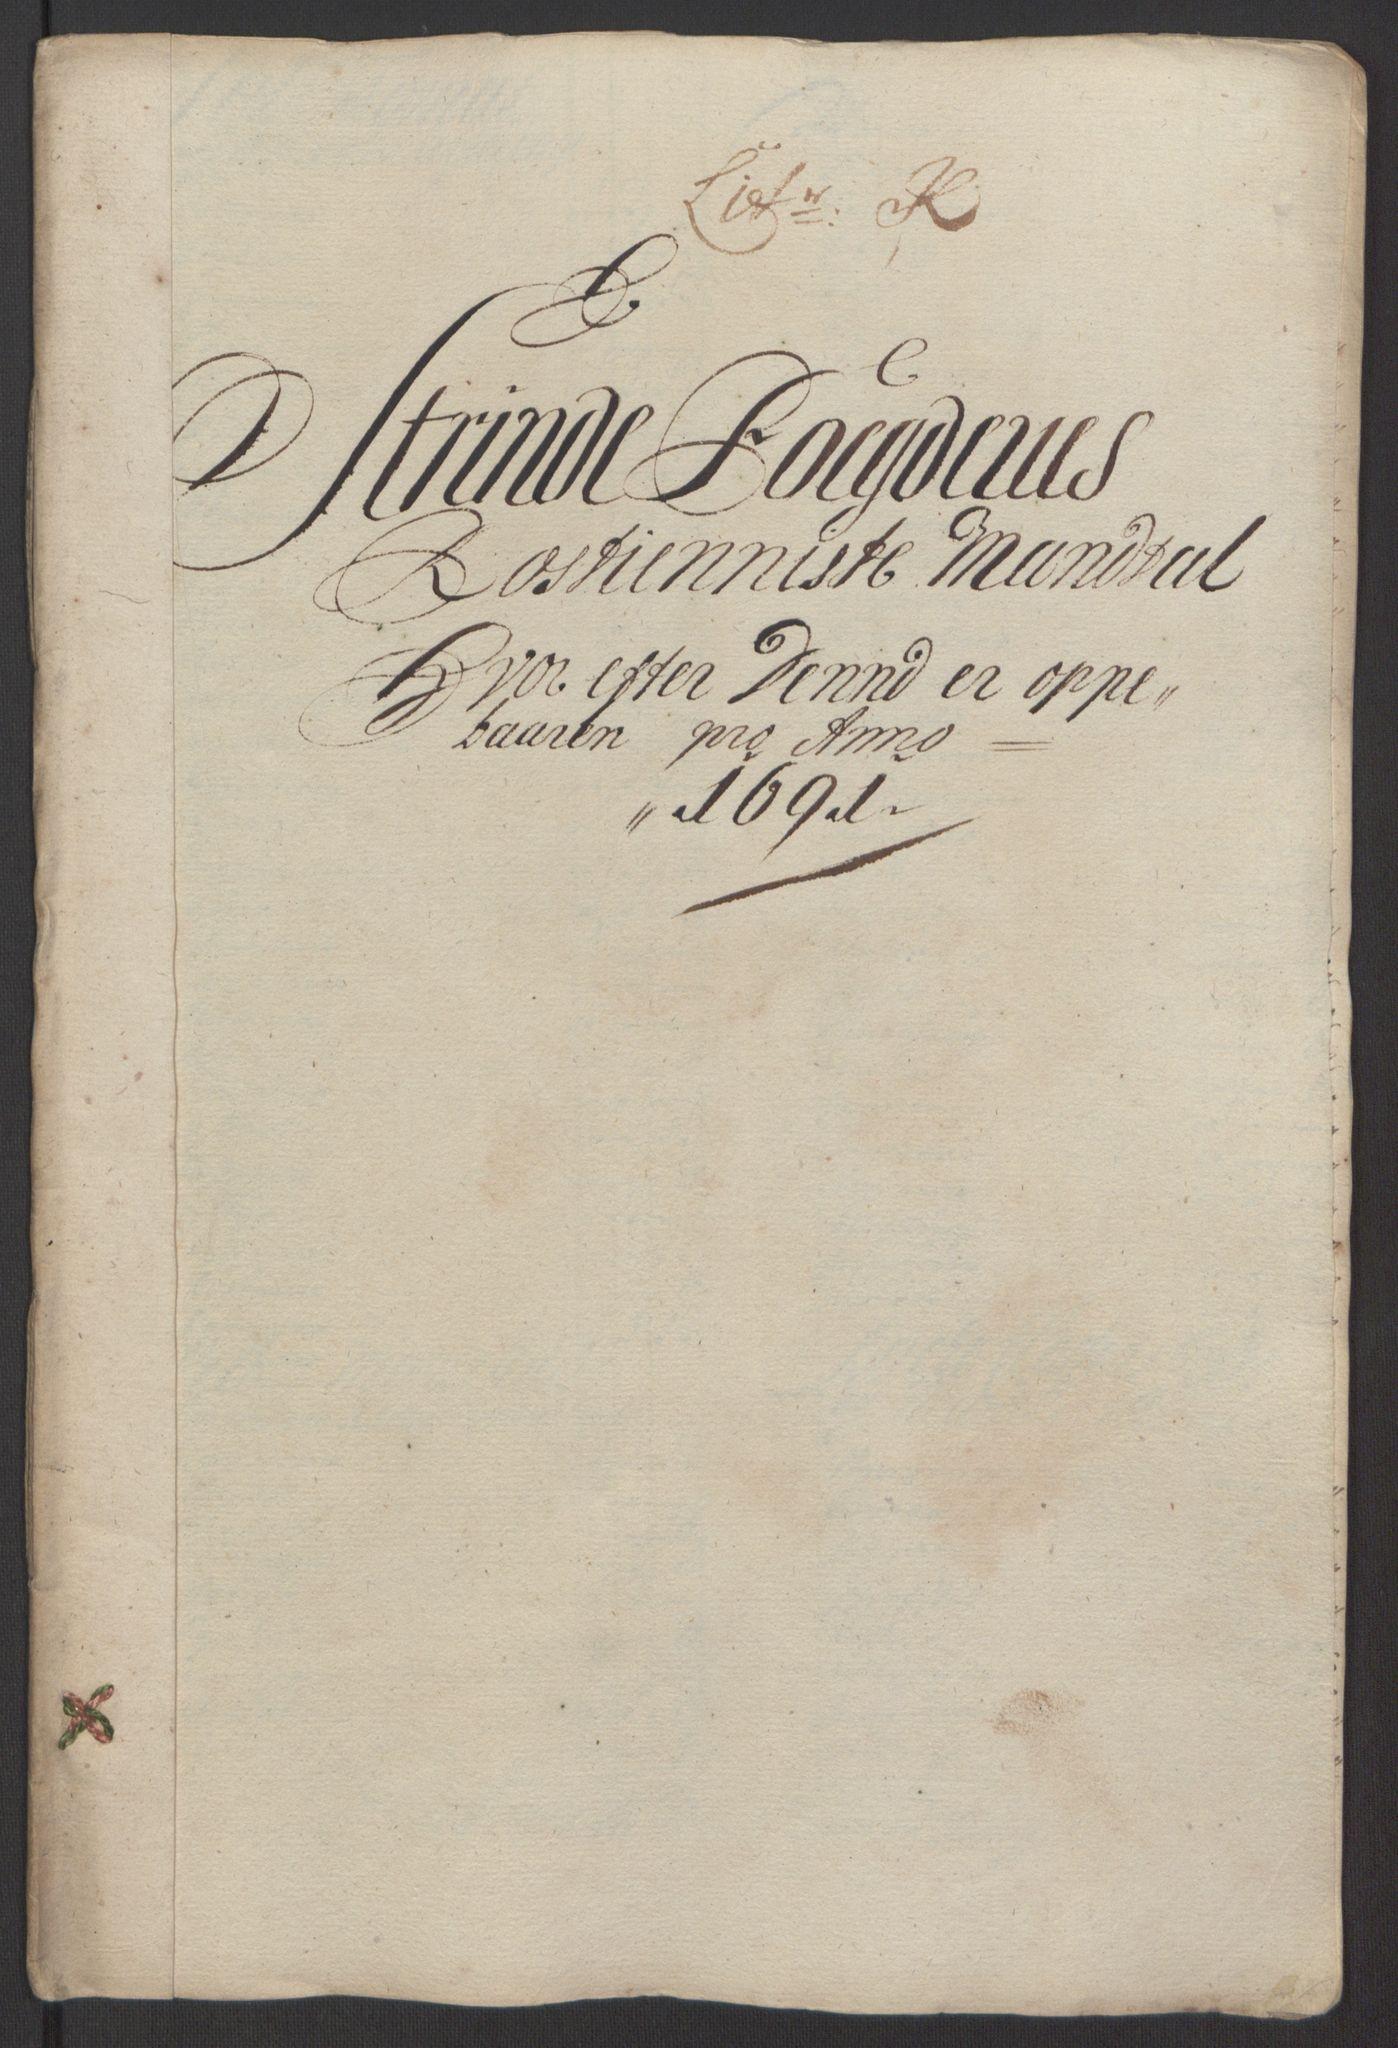 RA, Rentekammeret inntil 1814, Reviderte regnskaper, Fogderegnskap, R61/L4103: Fogderegnskap Strinda og Selbu, 1691-1692, s. 107